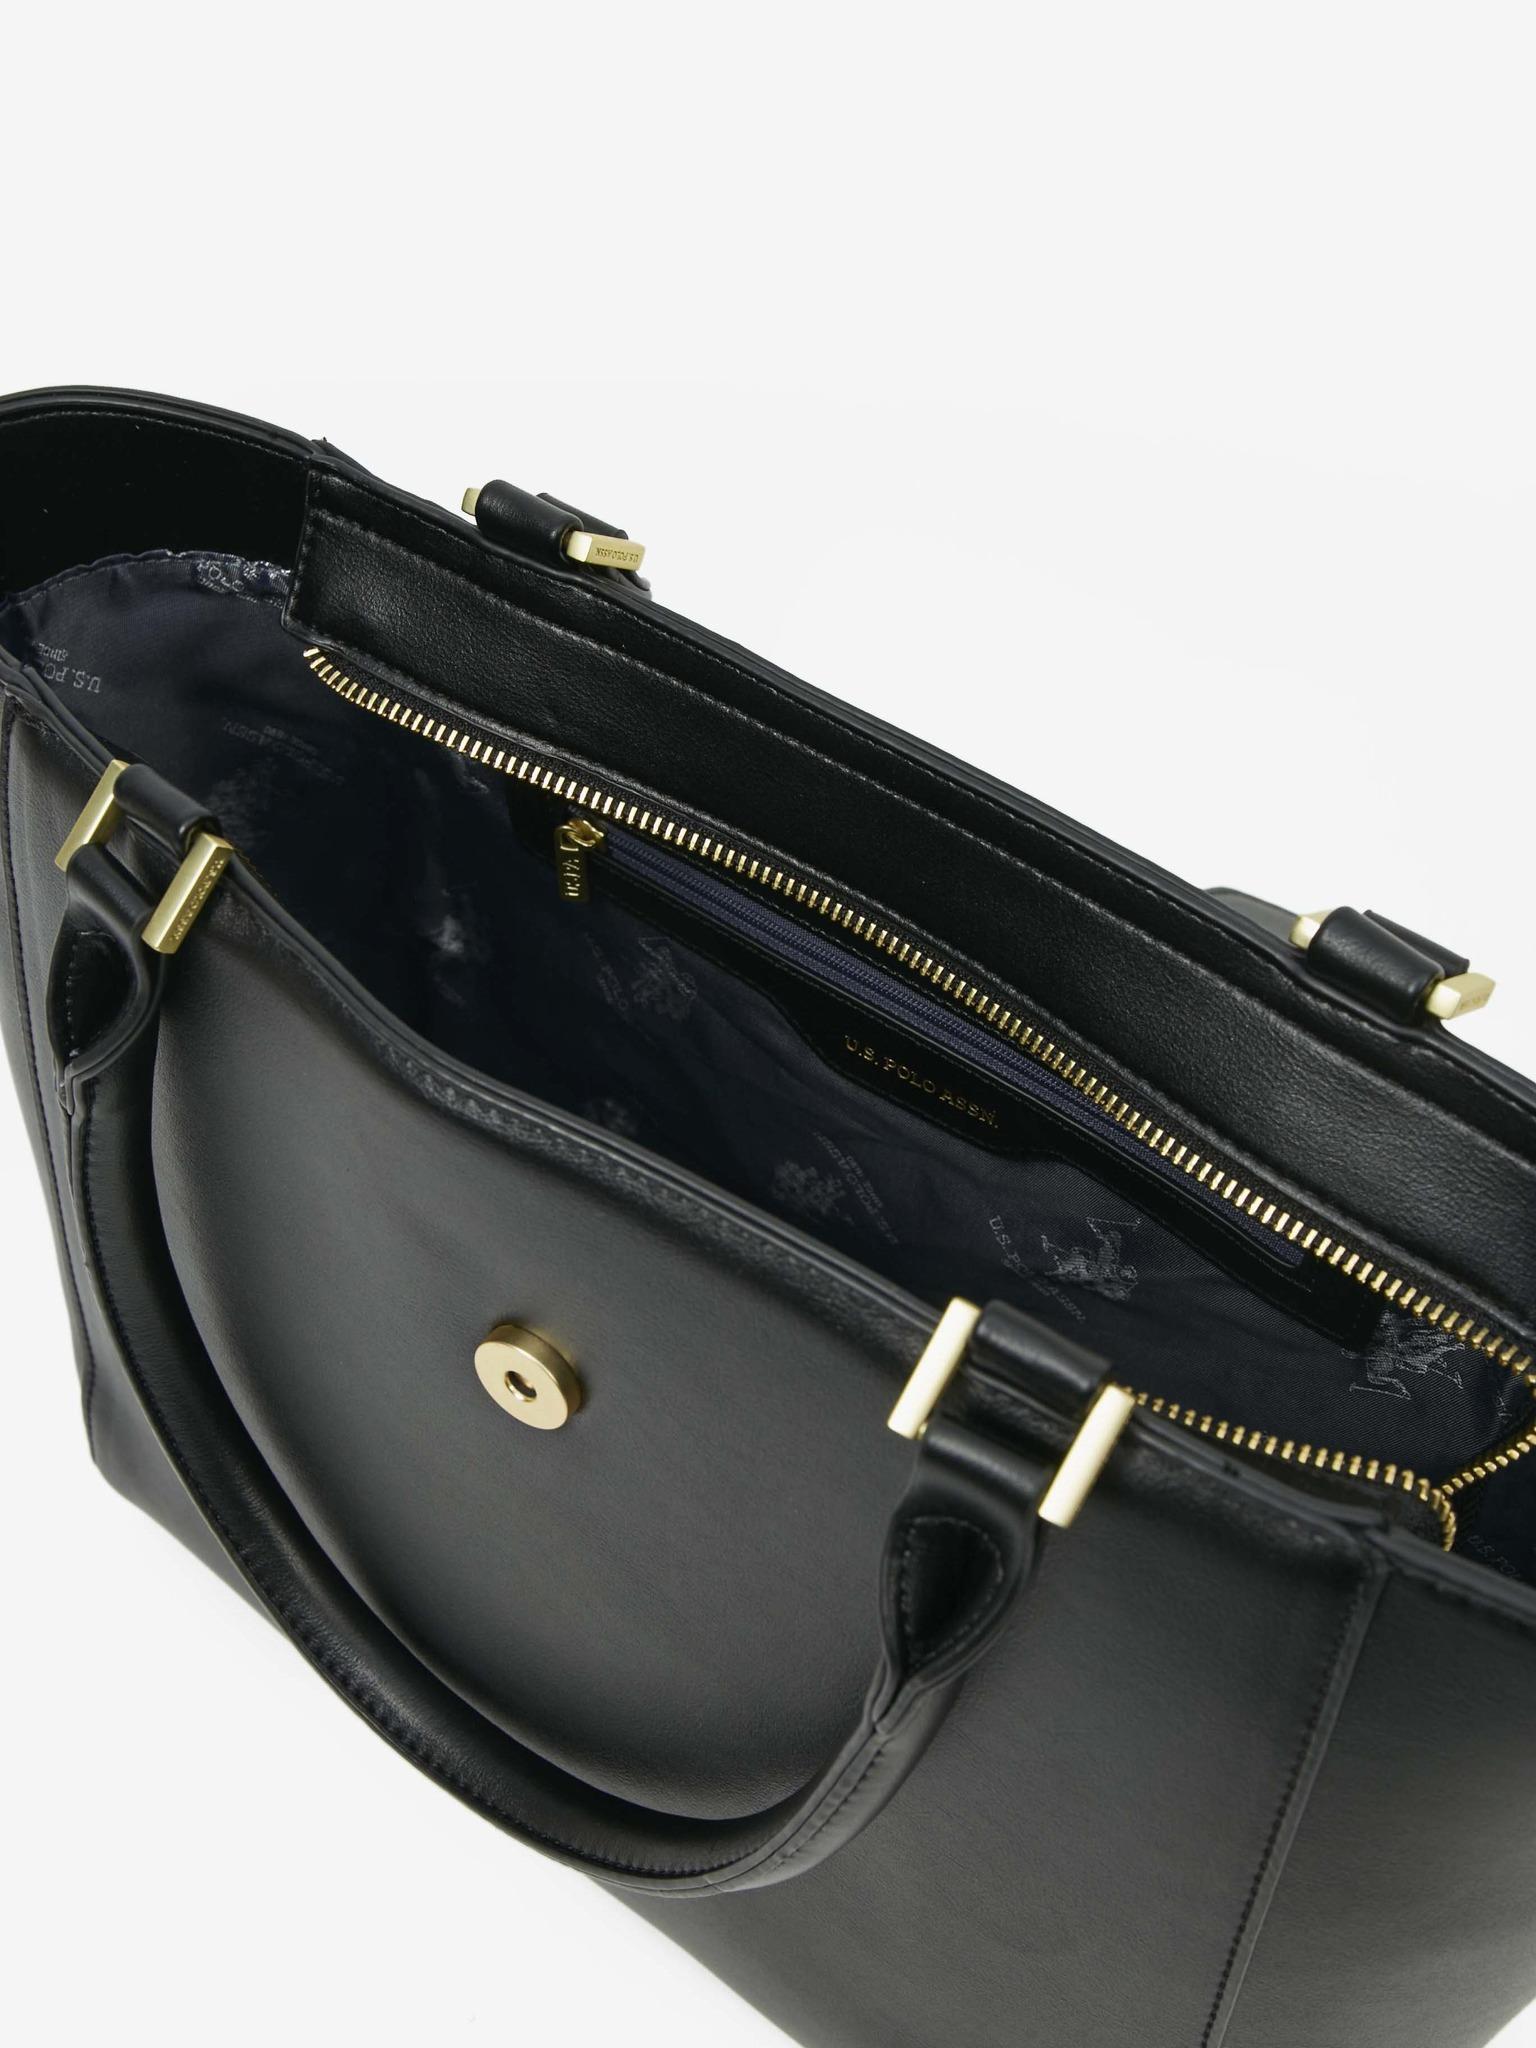 U.S. Polo Assn. Borsetta donna nero  Kabelka